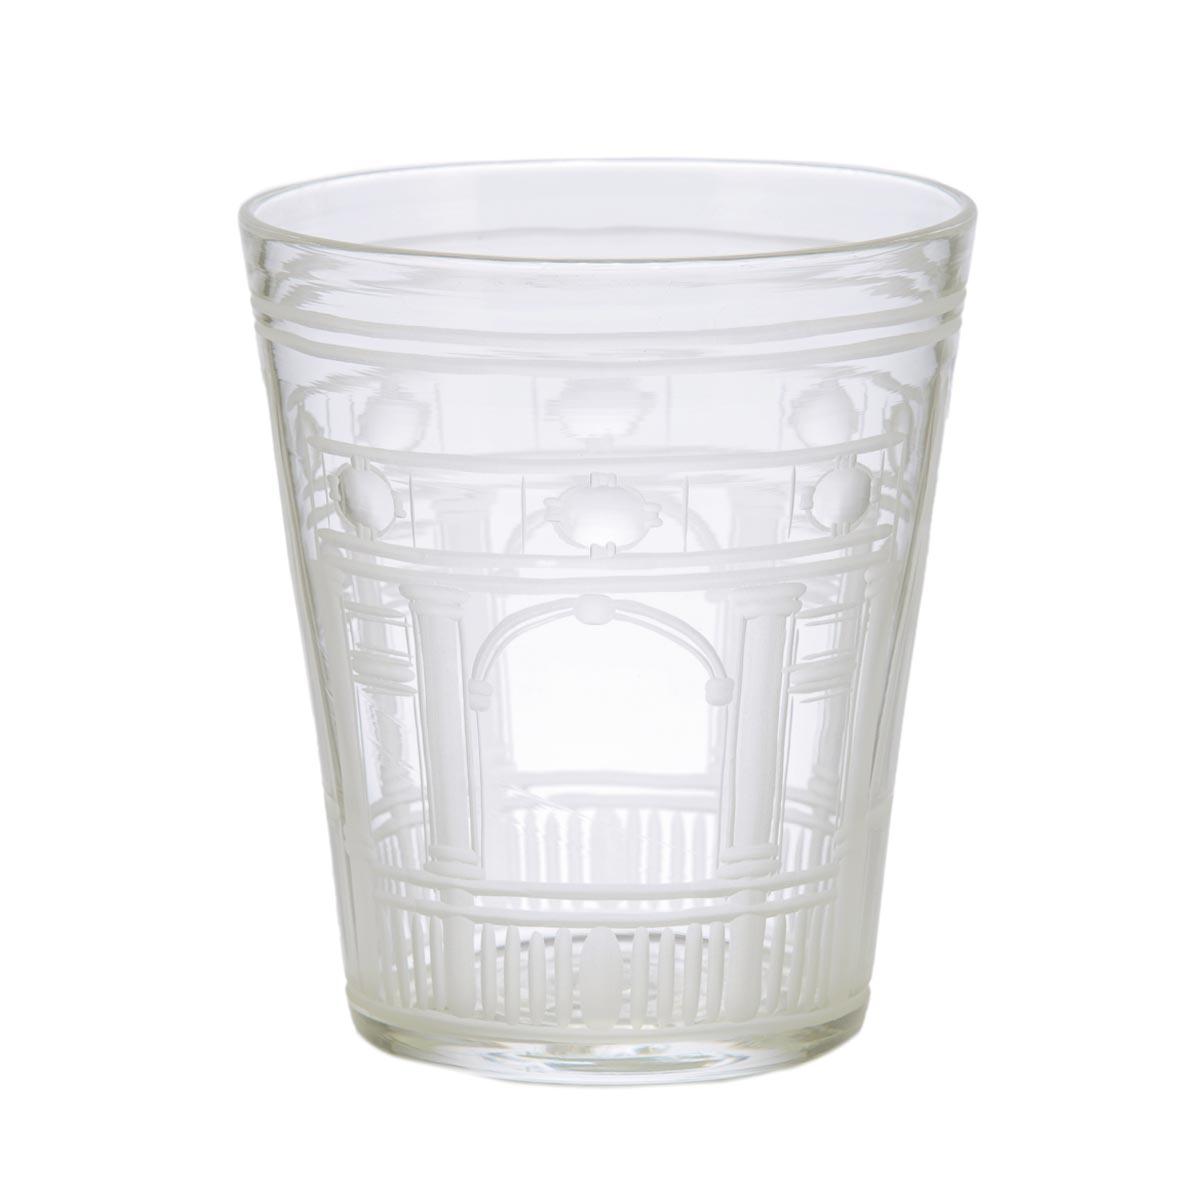 palazzo-papadopoli-water-glass-crystal-murano-giberto-design-precious-luxury-handmade